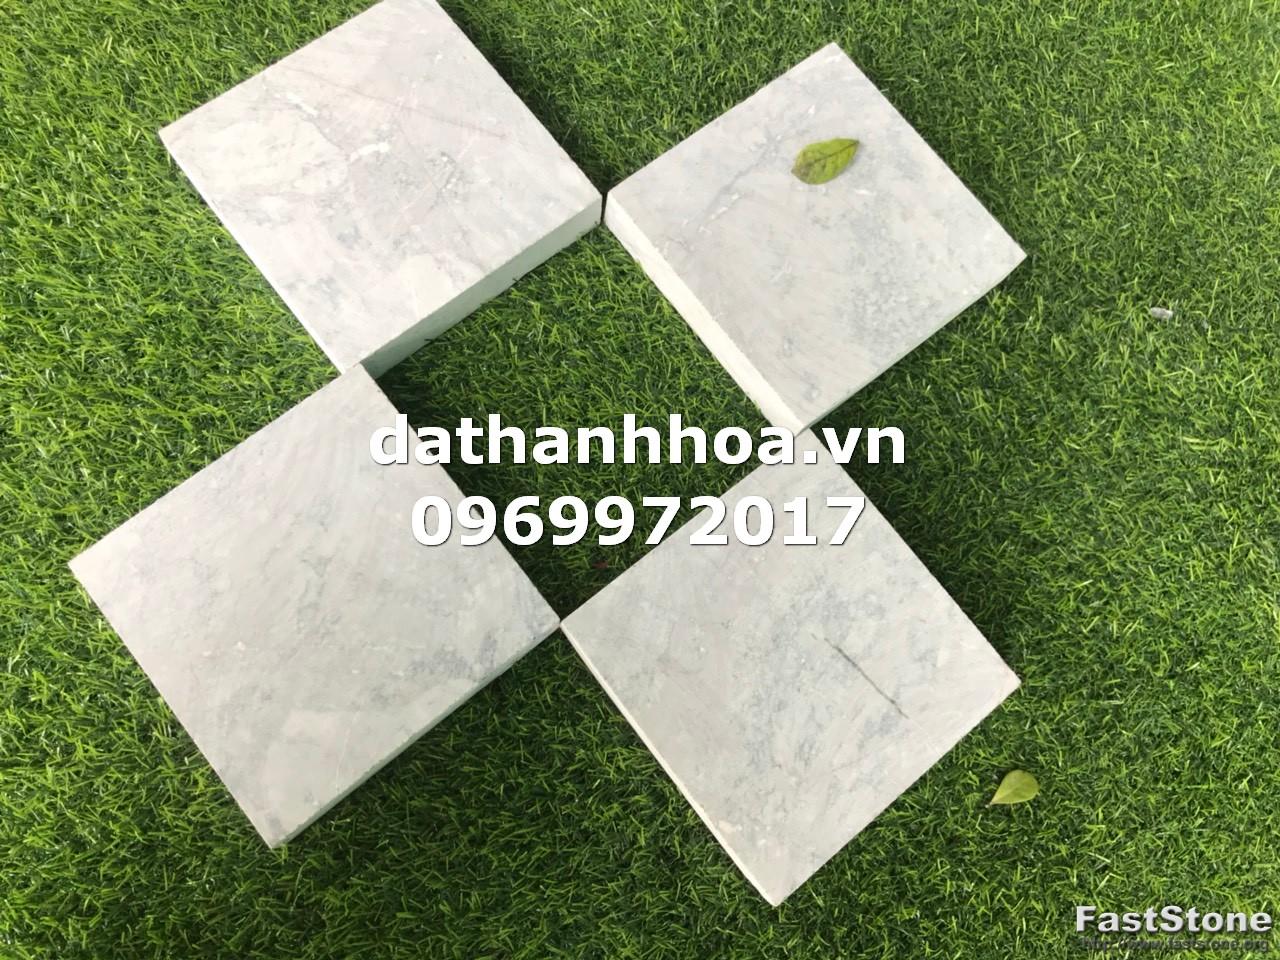 đá lát sân vườn, đá thanh hóa, đá xanh đen, đá ốp lát, đá lát hè, giá đá lát sân, giá đá ốp lát , đá lát sân, đá tự nhiên